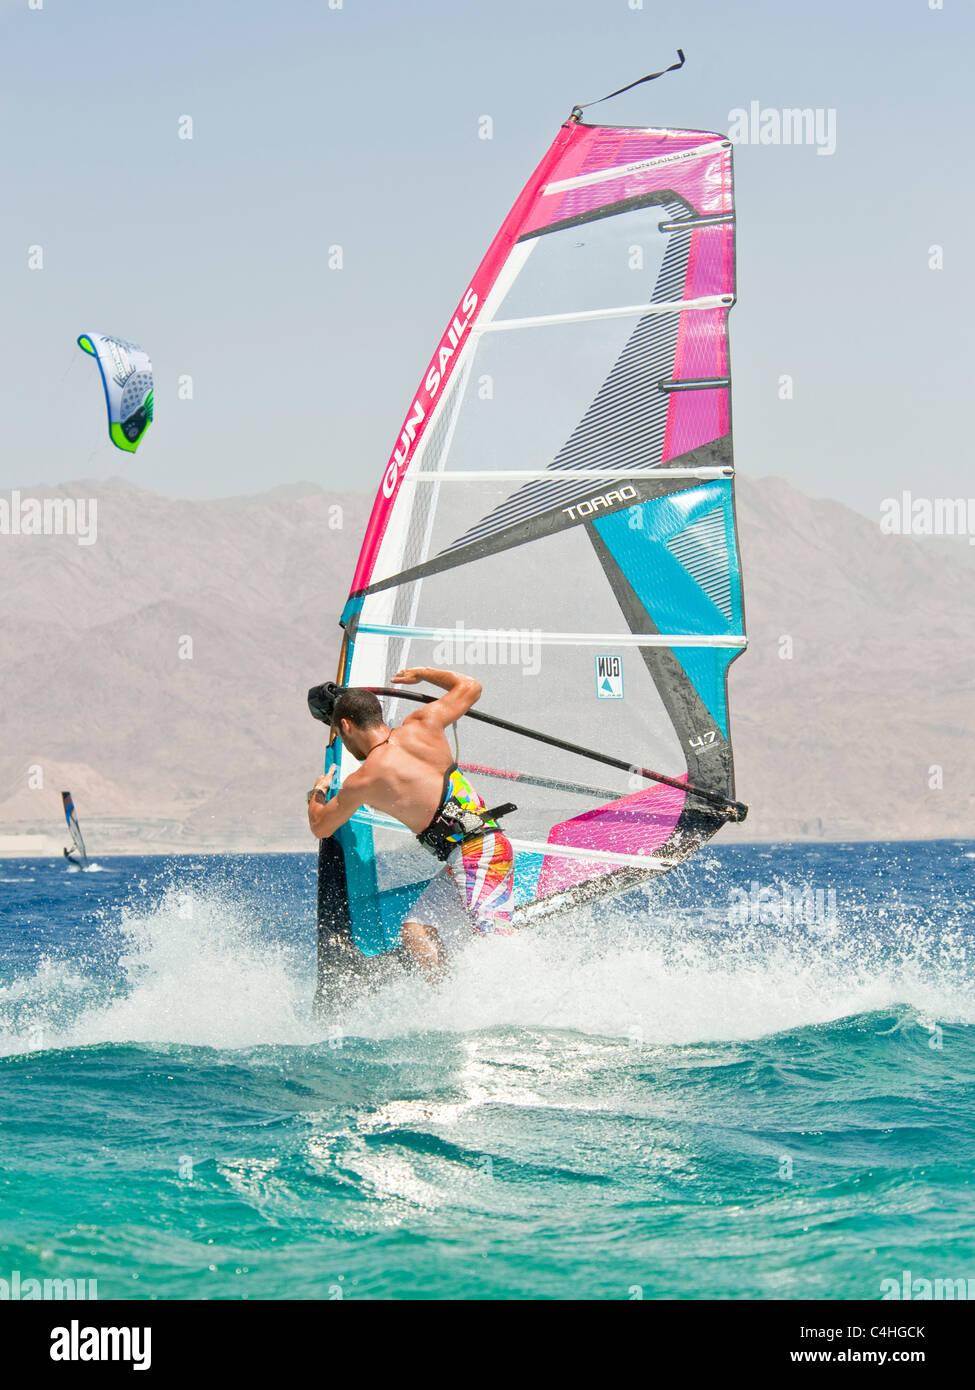 Un windsurf eseguendo acrobazie sul mar rosso presso il resort di Eilat in Israele. Foto Stock